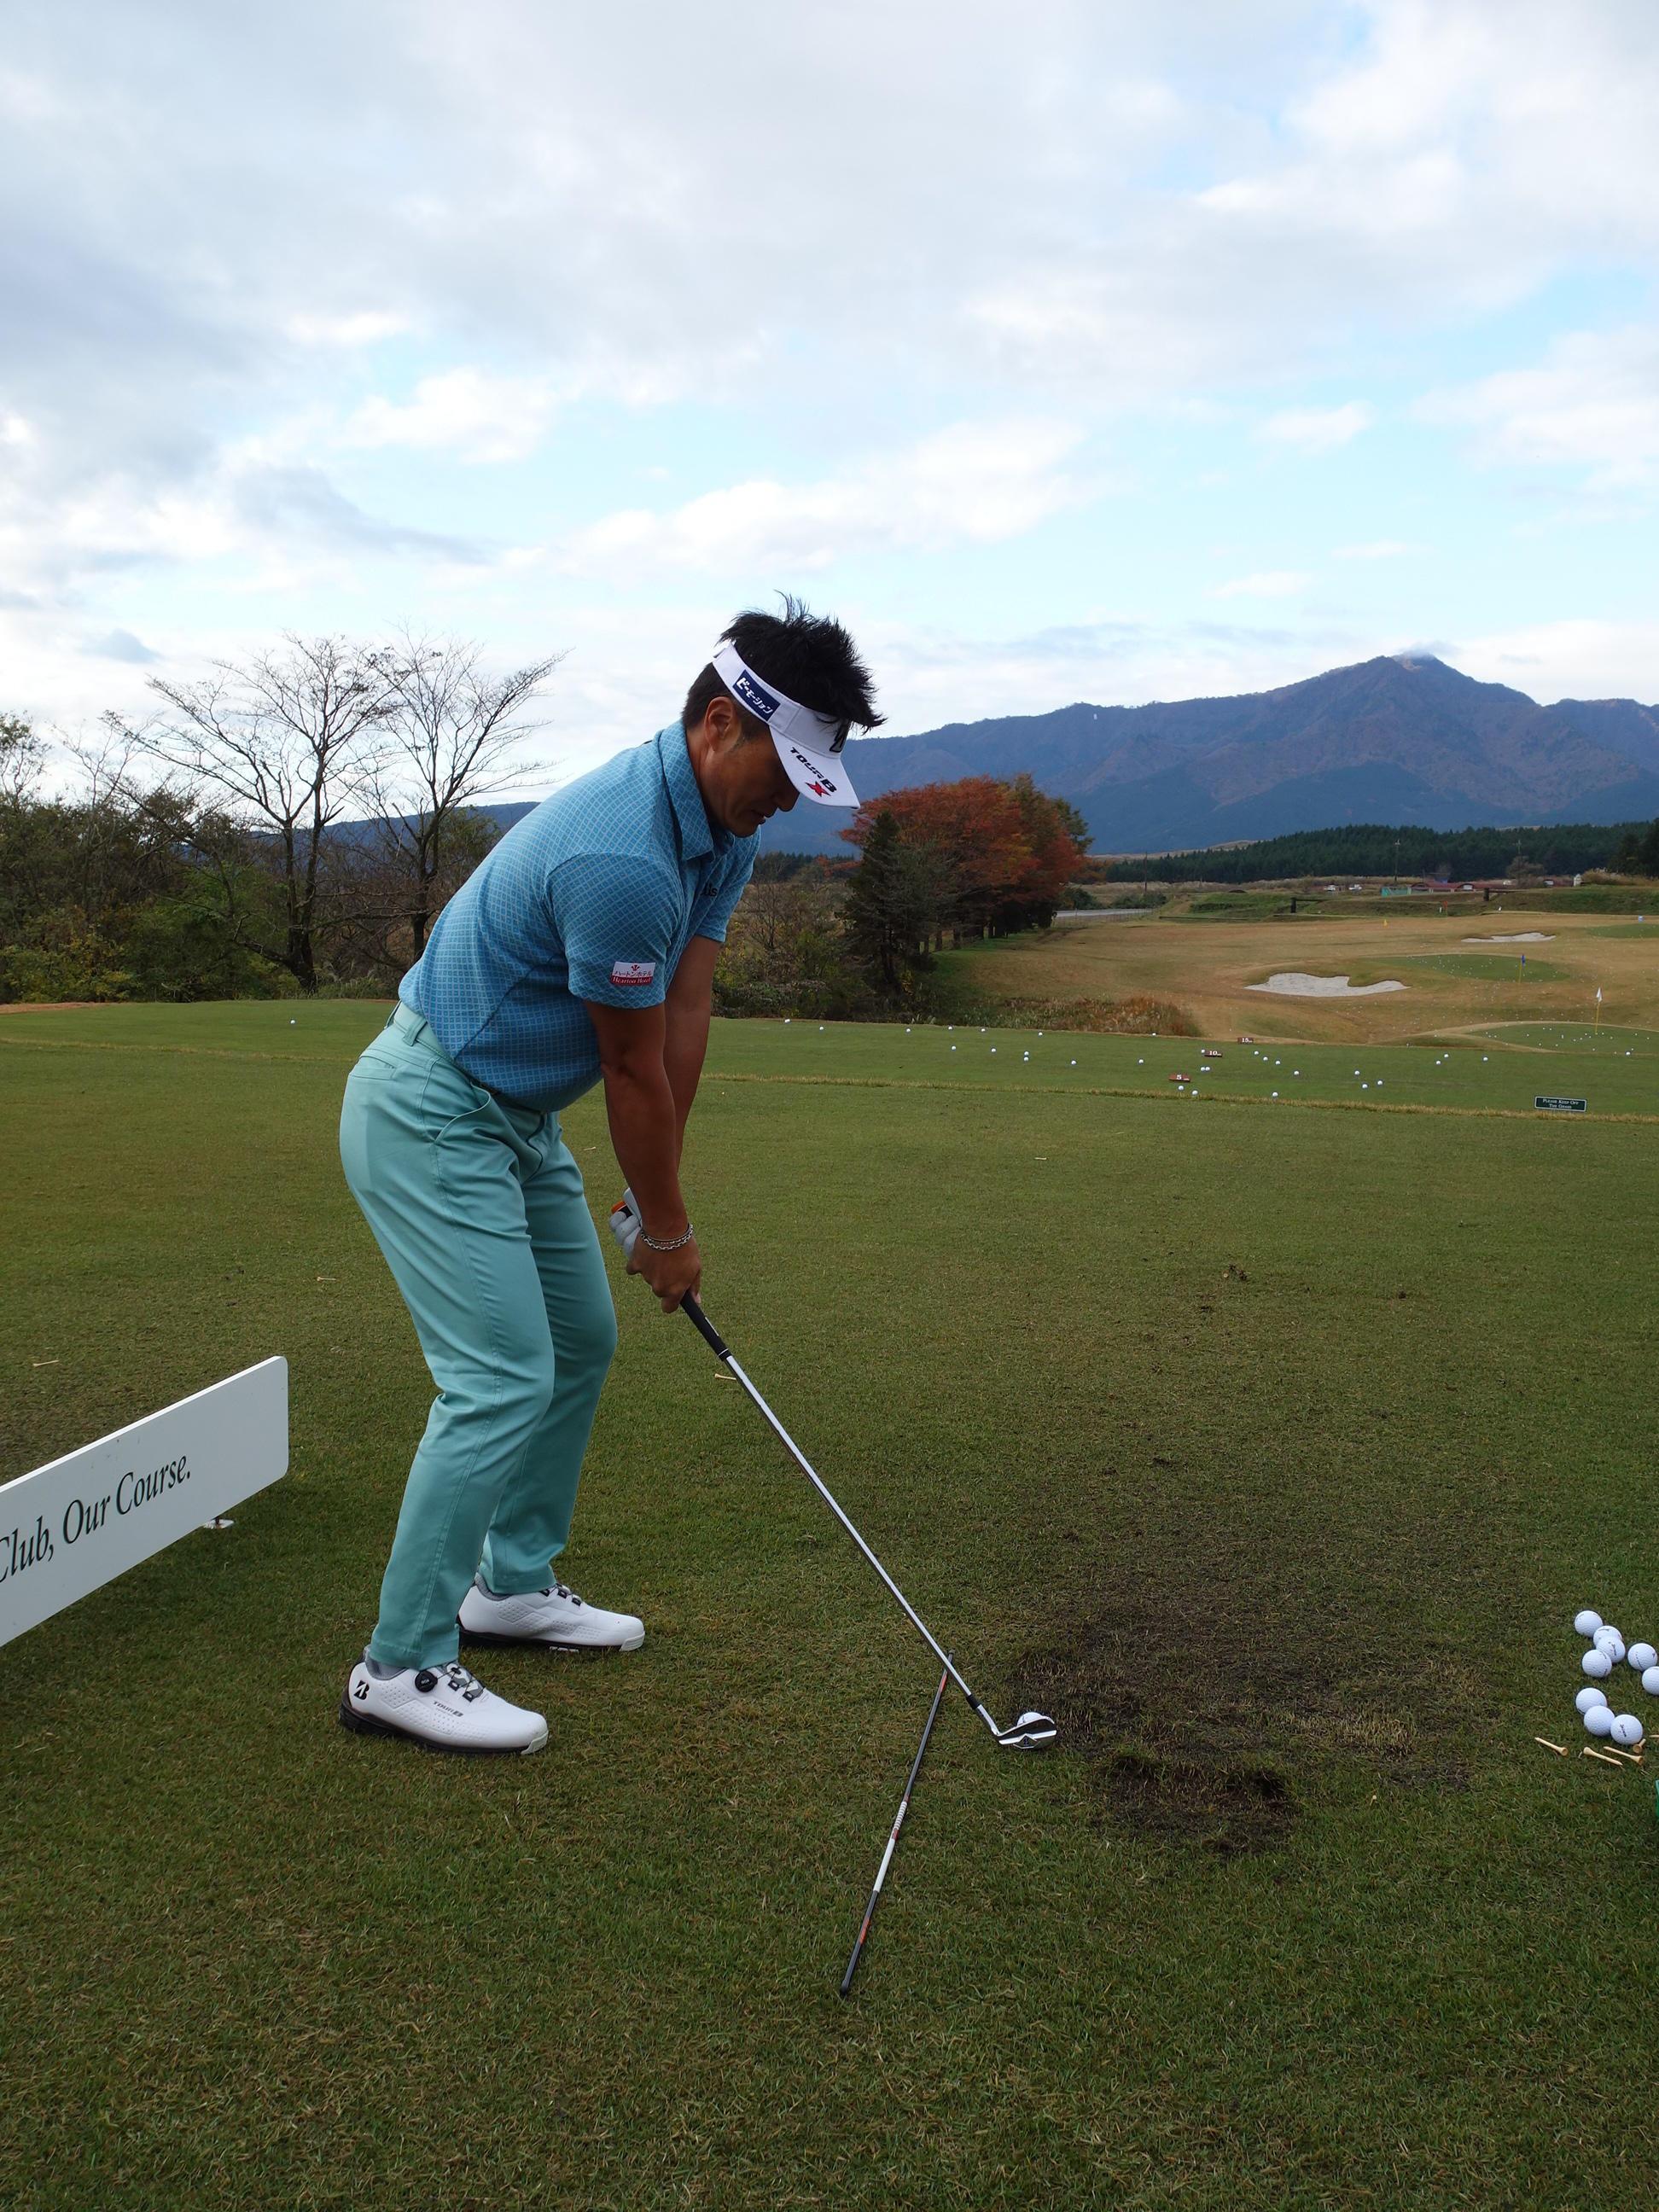 http://www.bs-golf.com/pro/2900c1afc947dc87d2f985075bb8830b0a7d18fa.JPG